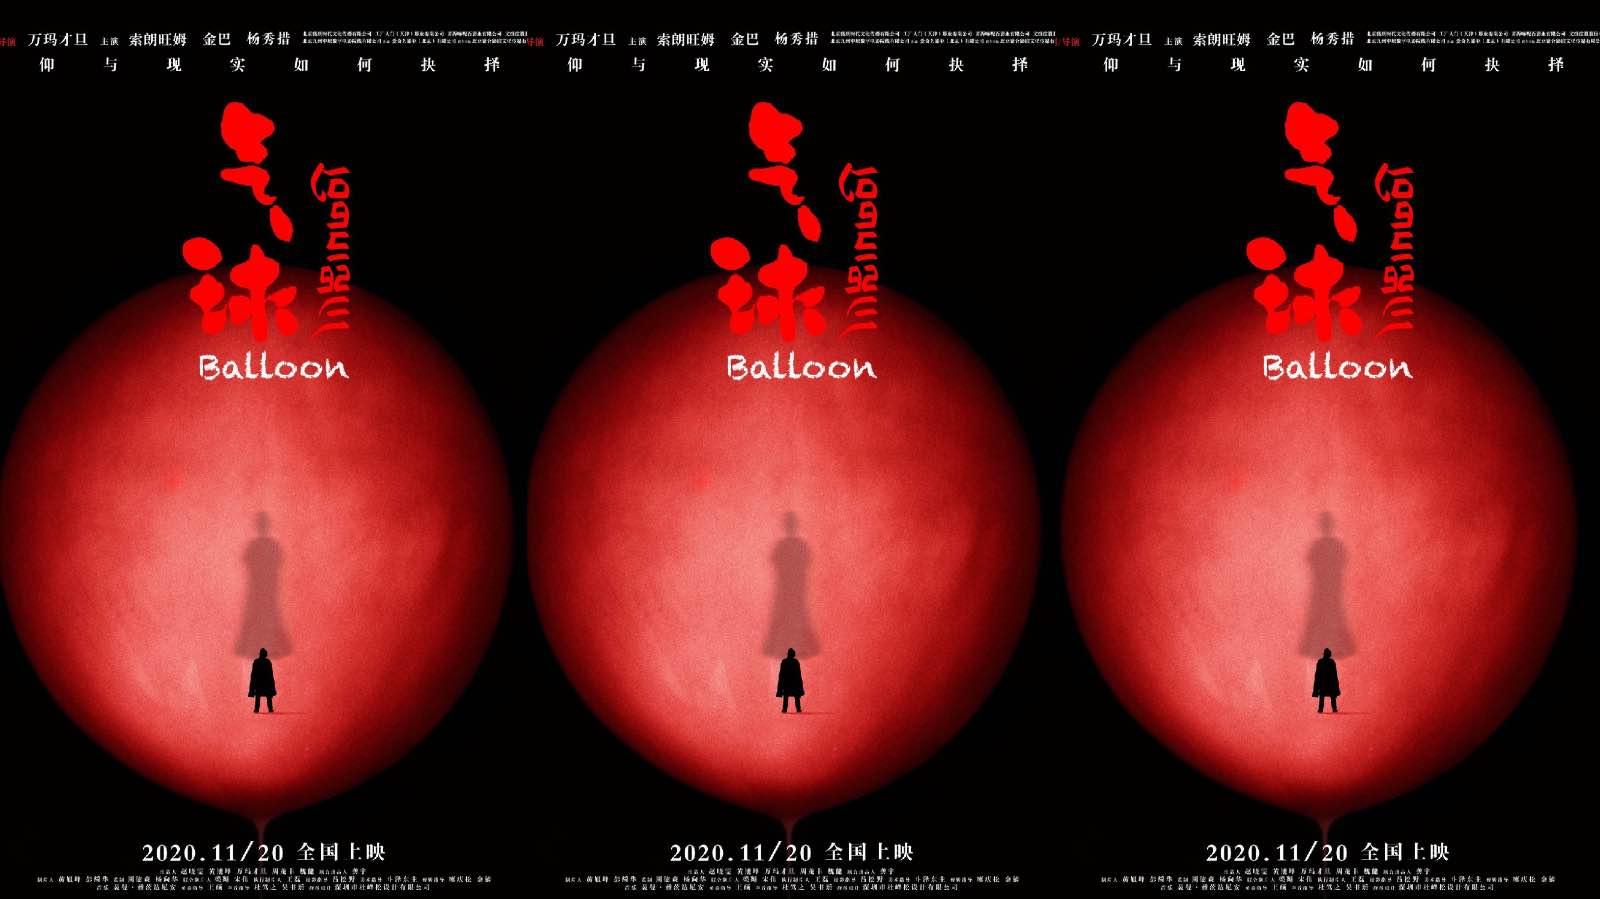 万玛才旦新作《气球》发布导演特别版海报 年度高口碑期待